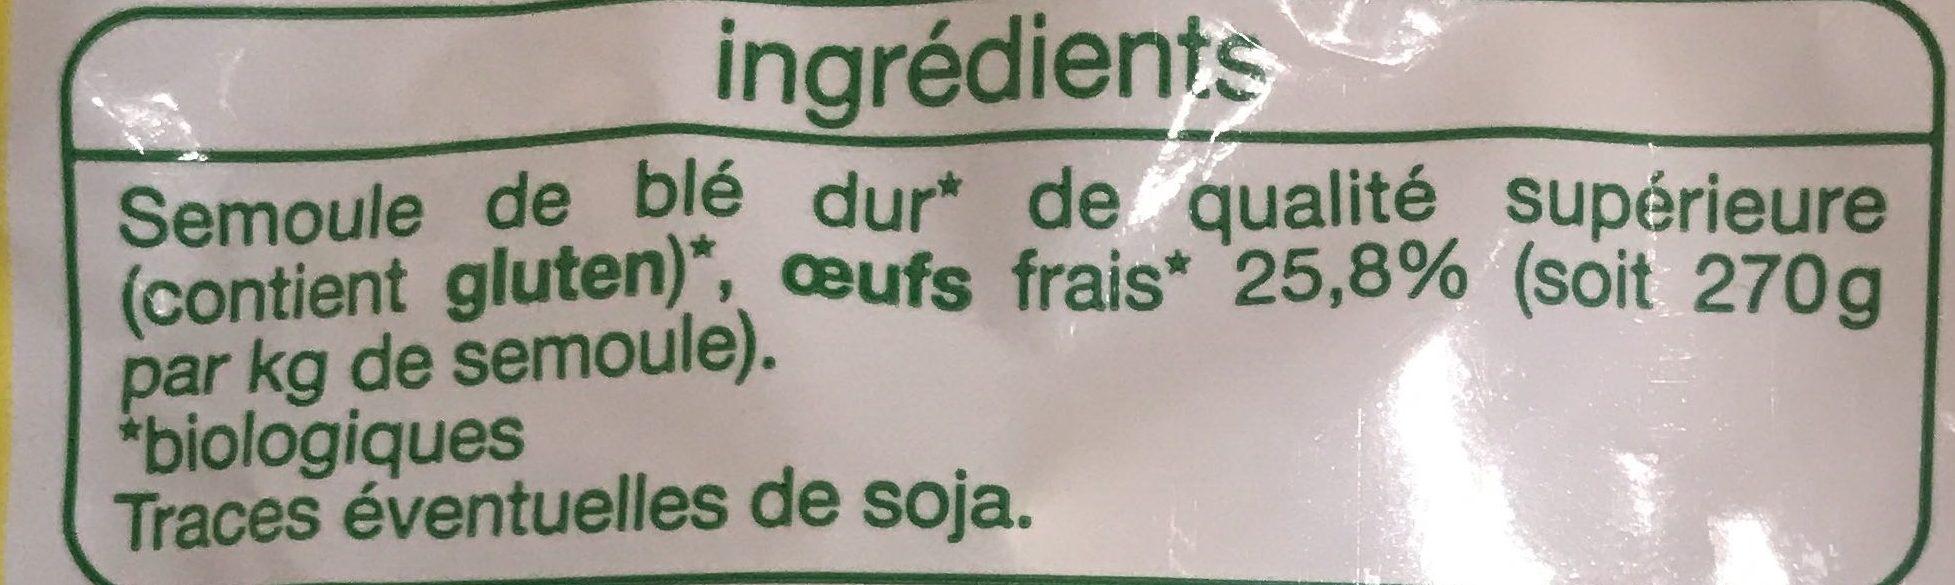 Tagliatelles aux œufs frais Bio - Ingrédients - fr